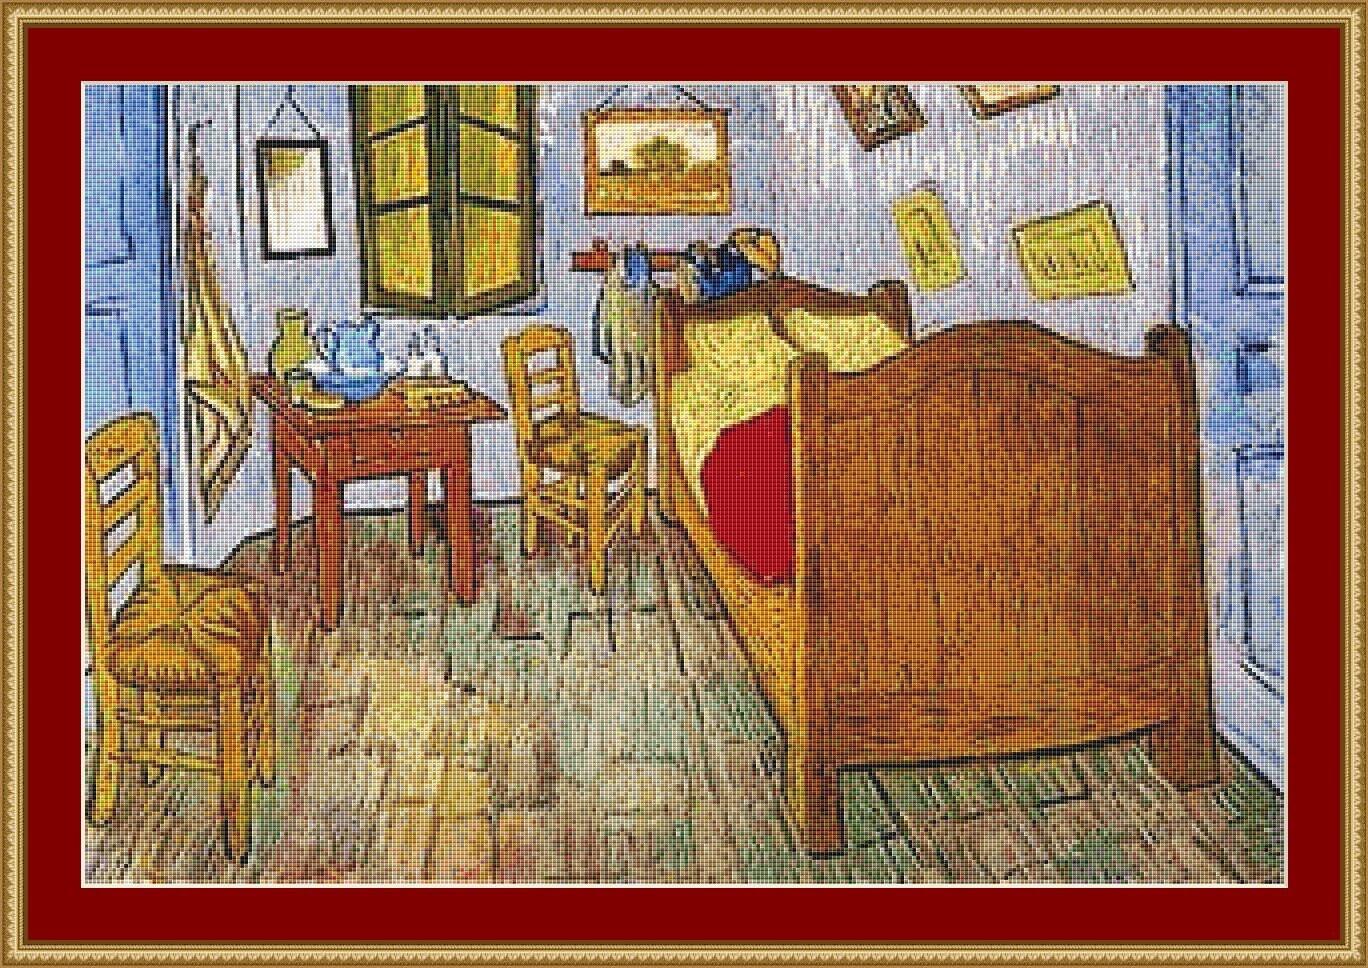 La chambre de van gogh cross stitch pattern - La chambre de van gogh ...